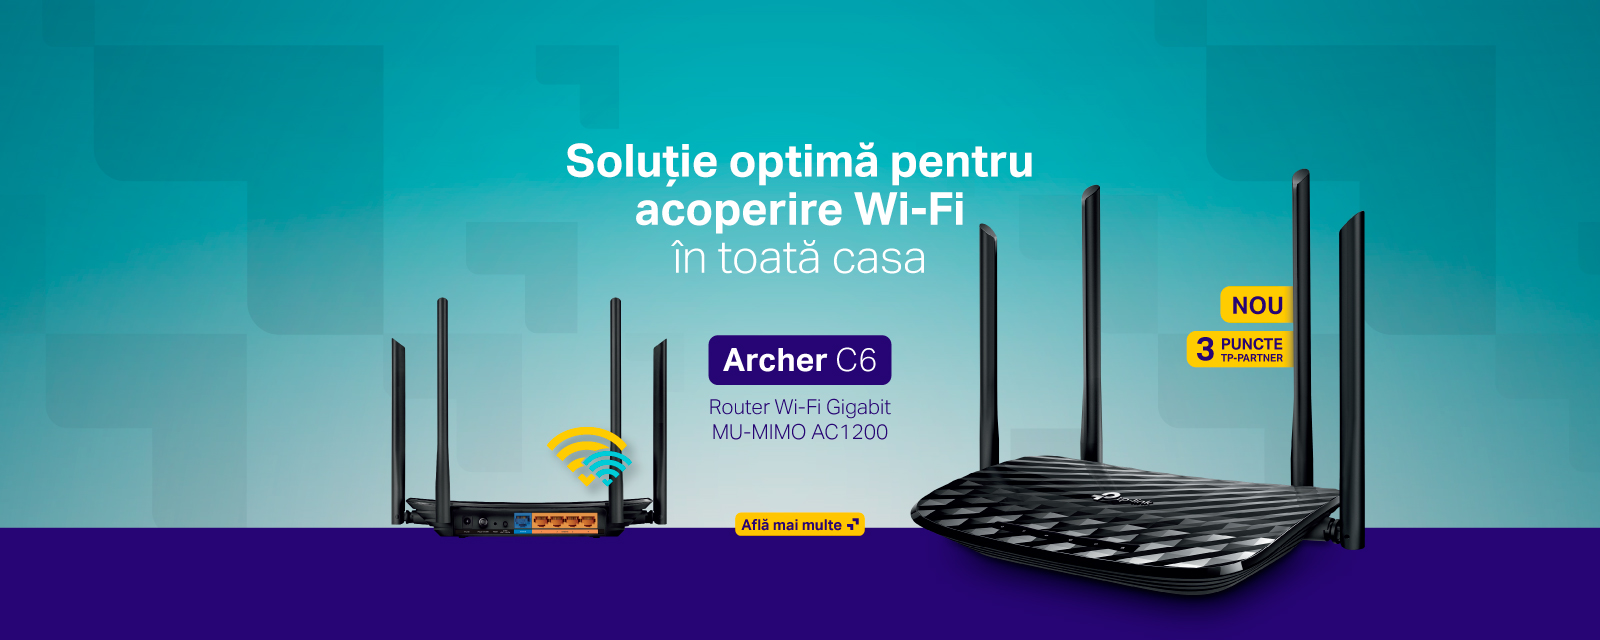 Archer C6